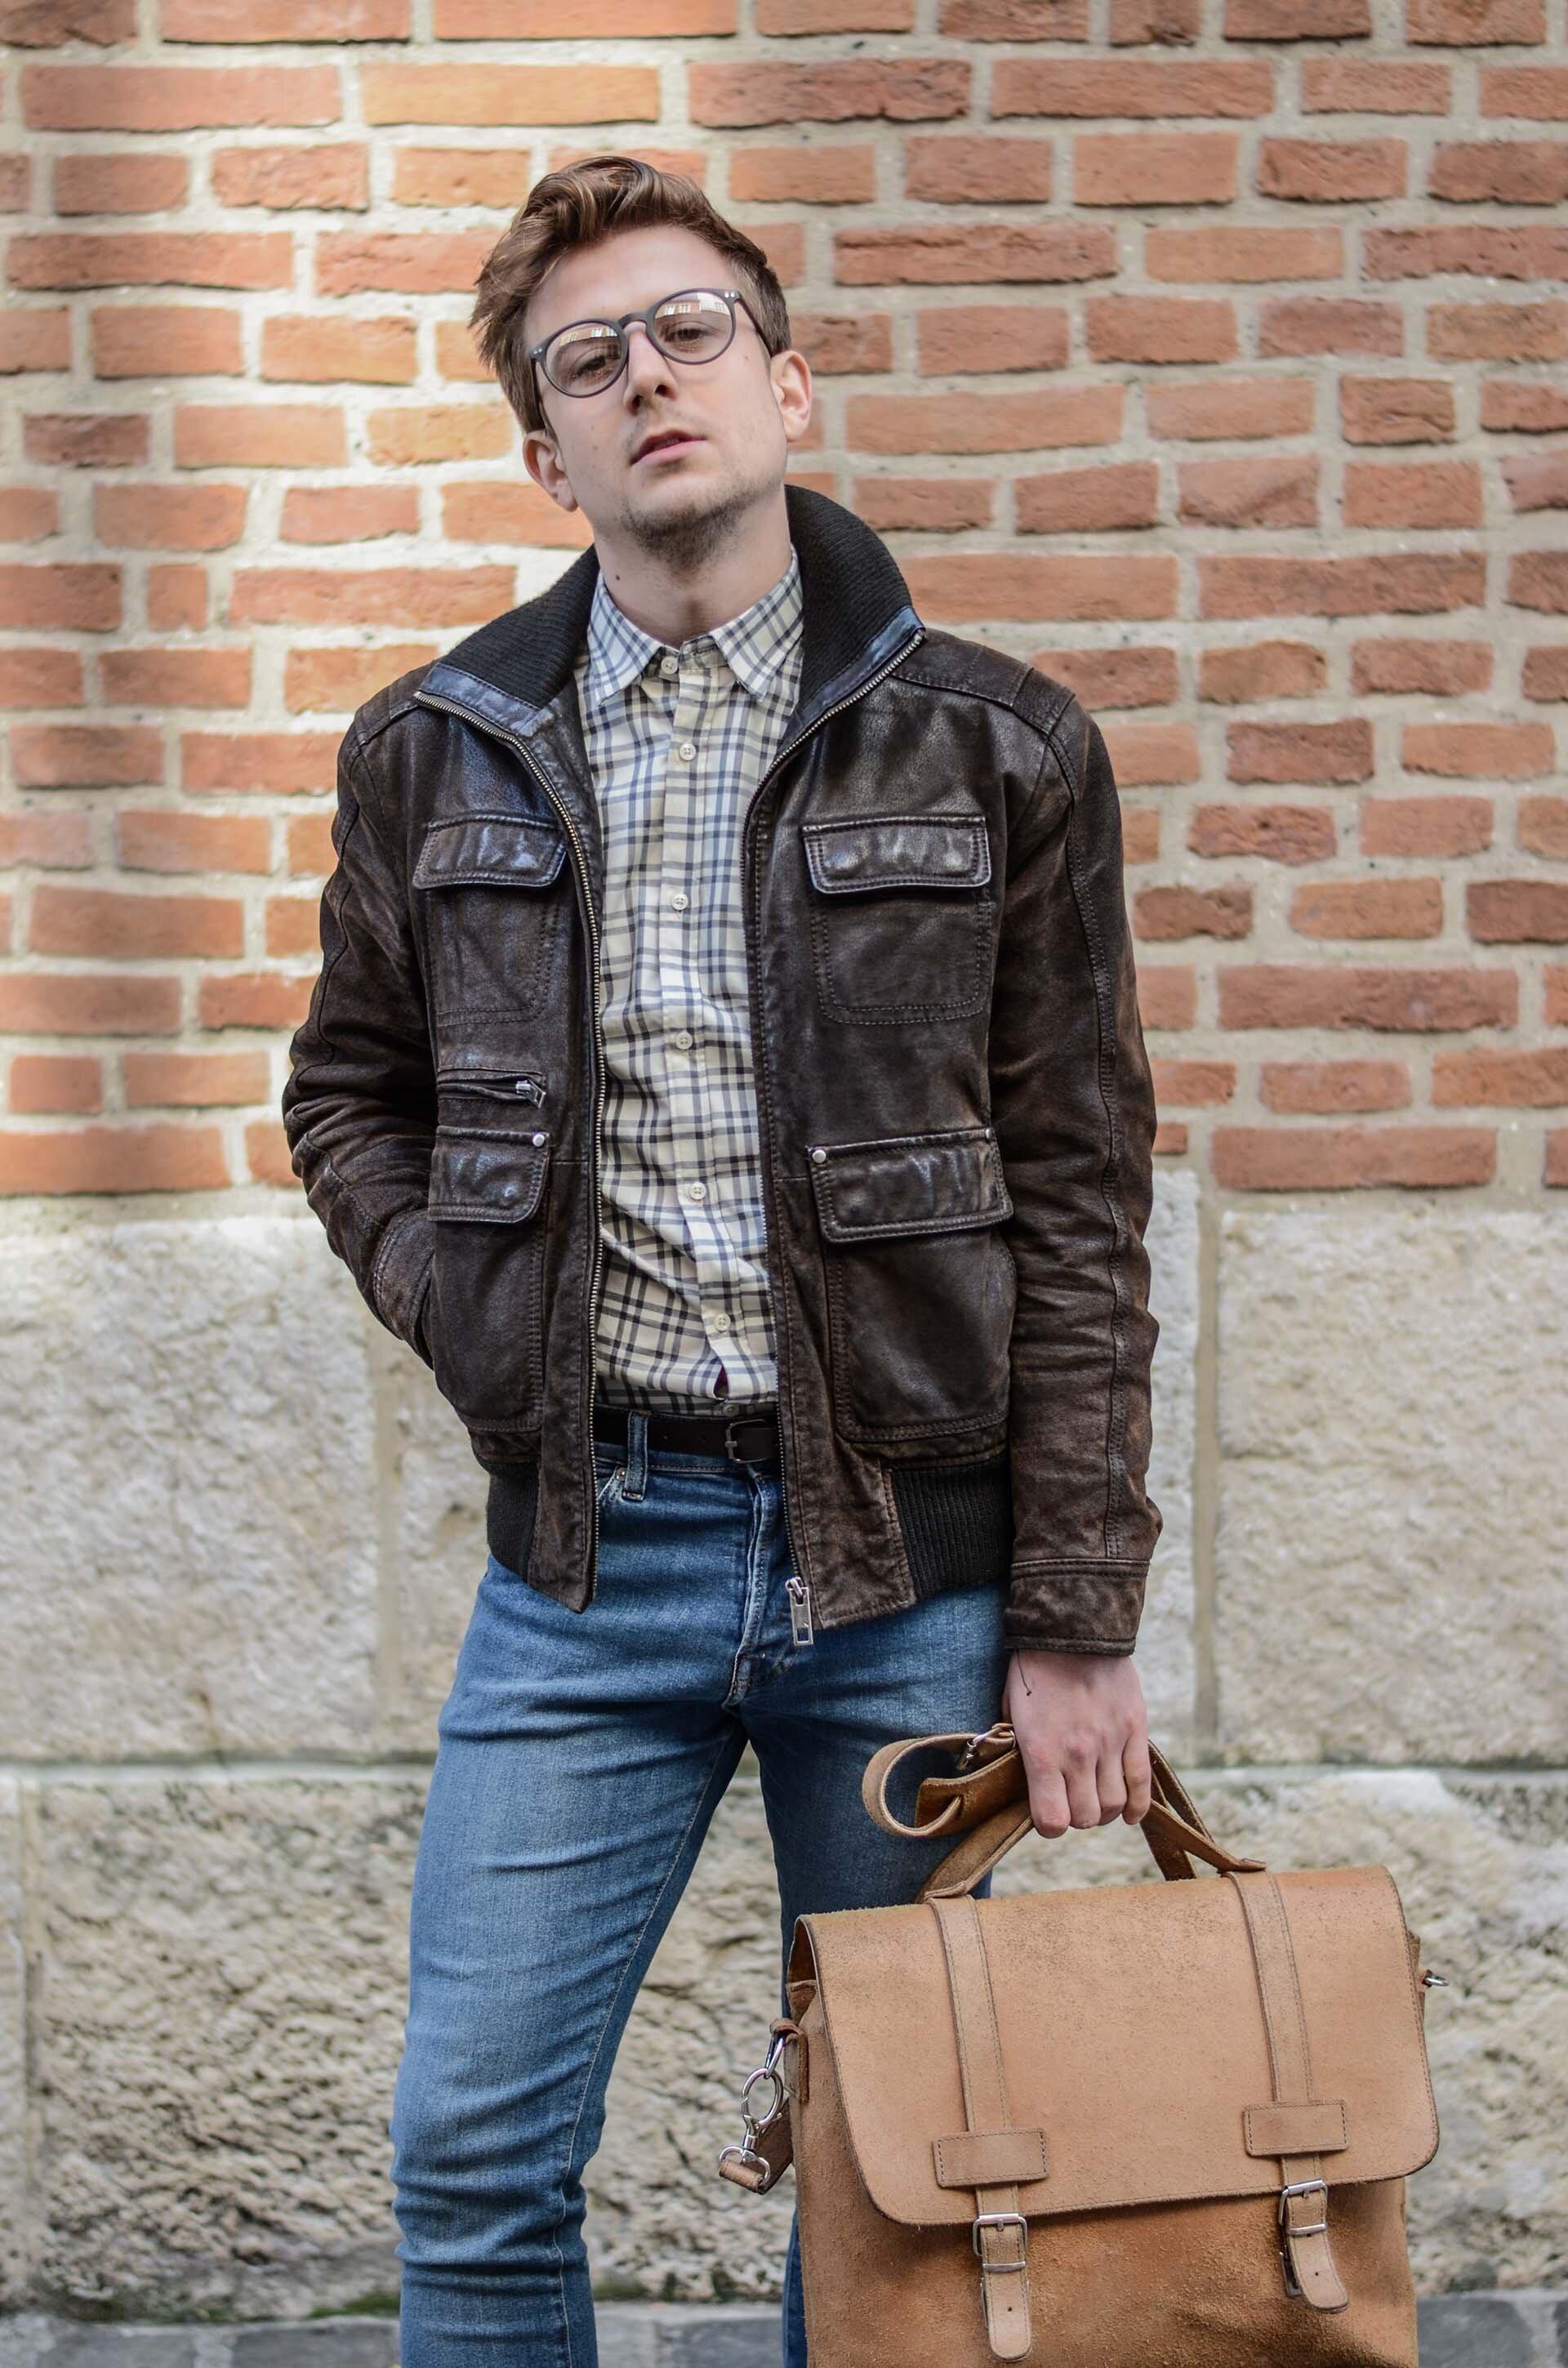 Kurtka zamszowa męska, torba męska, spodnie jeansowe męskie